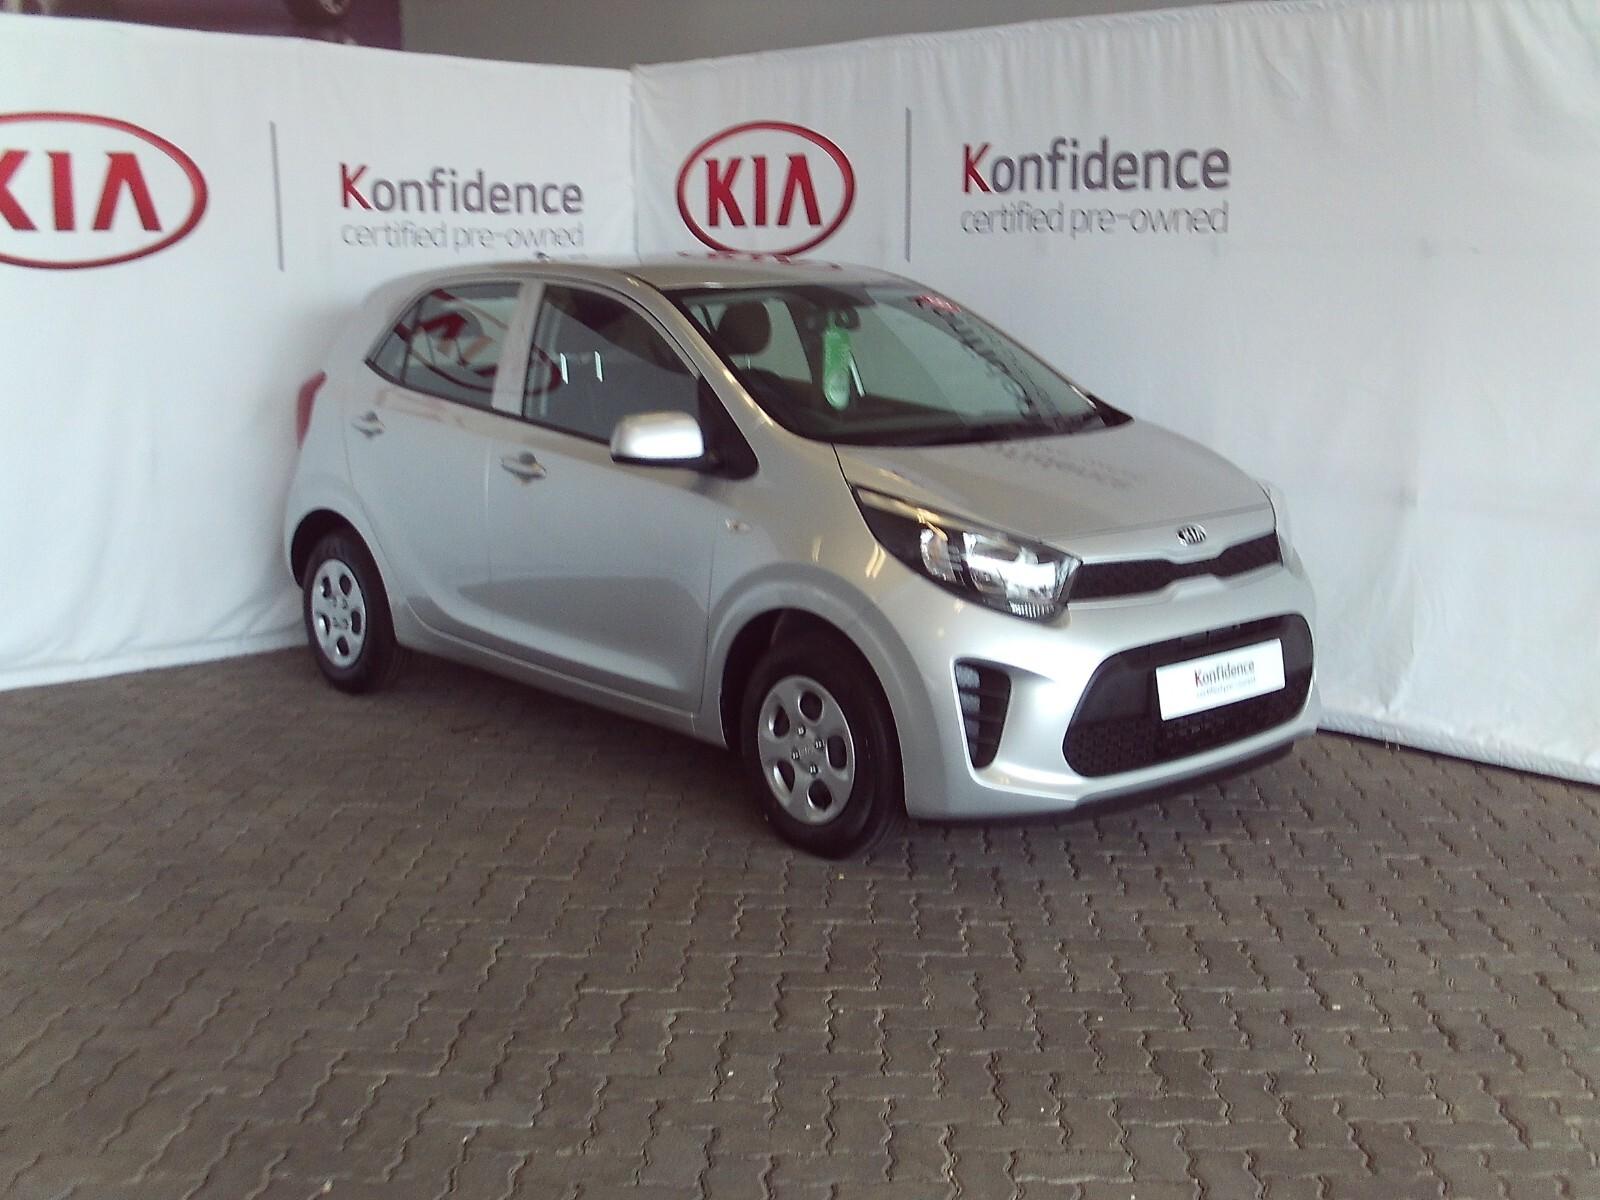 KIA 1.0 START Pretoria 0335163